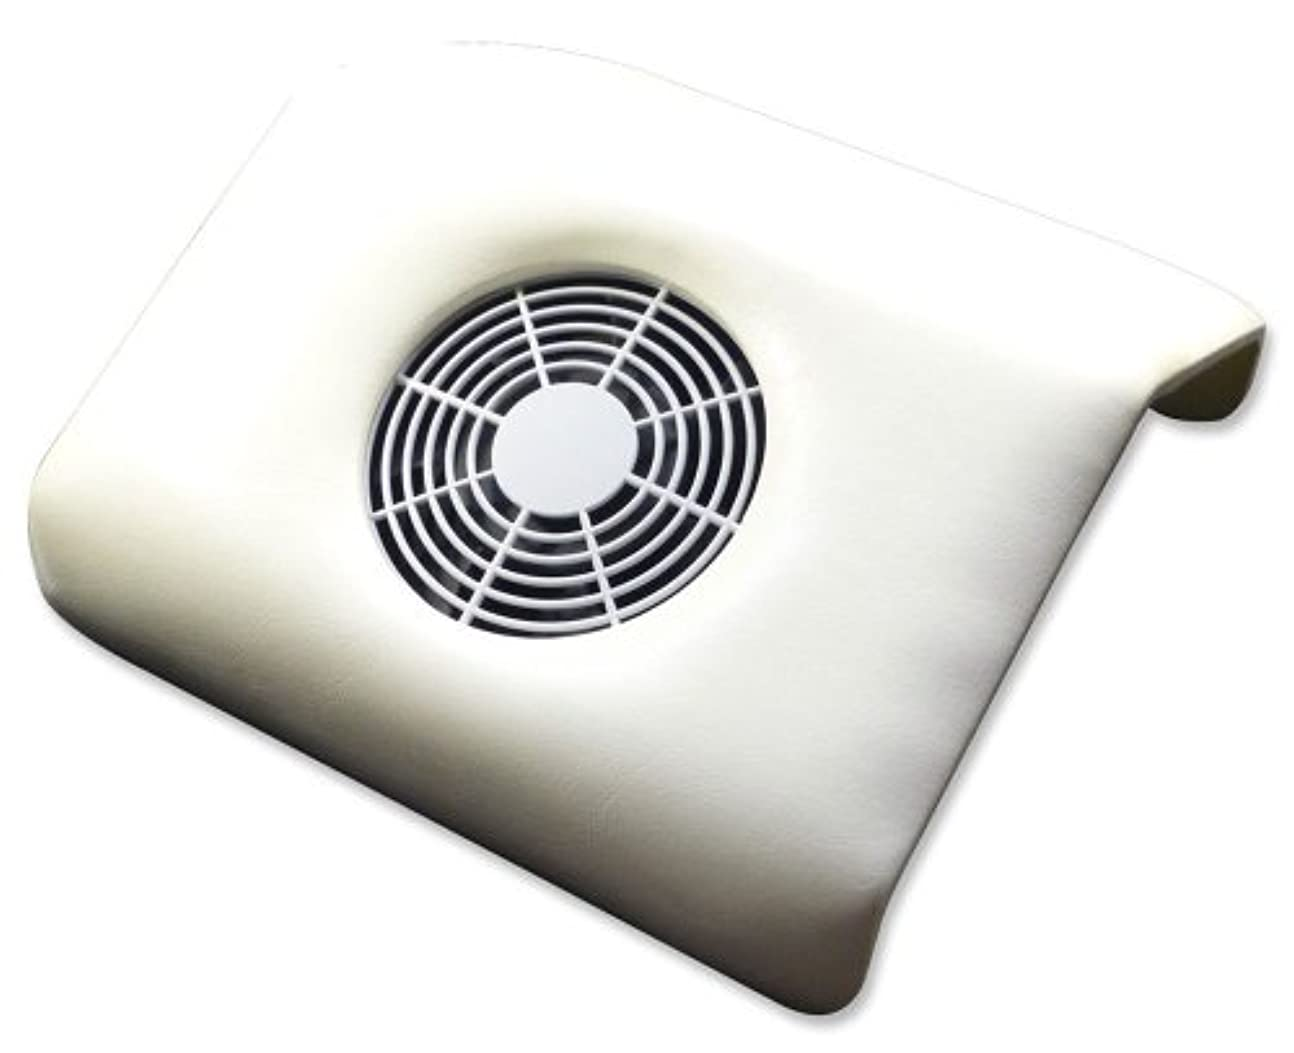 絶滅興奮法律によりビューティーネイラー ジェルネイル ネイルダストコレクター ラージ DCL-W ホワイト